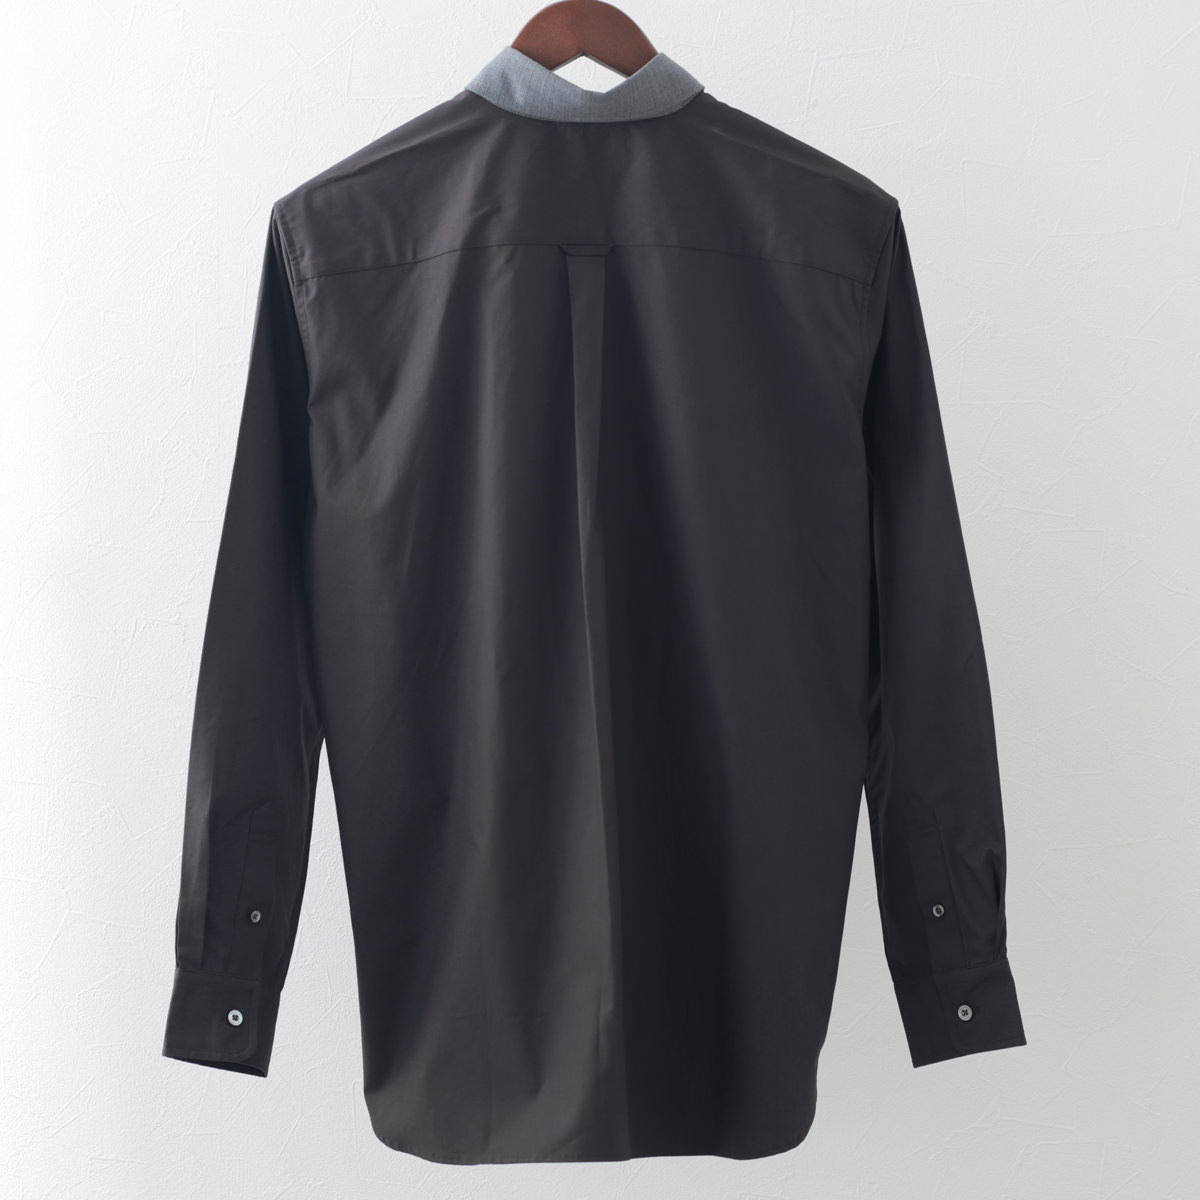 フレッドペリー 秋冬 メンズ 長袖 コットン パネル デザイン シャツ Fred Perry 2色 チャコールグレー ベージュ 正規販売店 ギフト